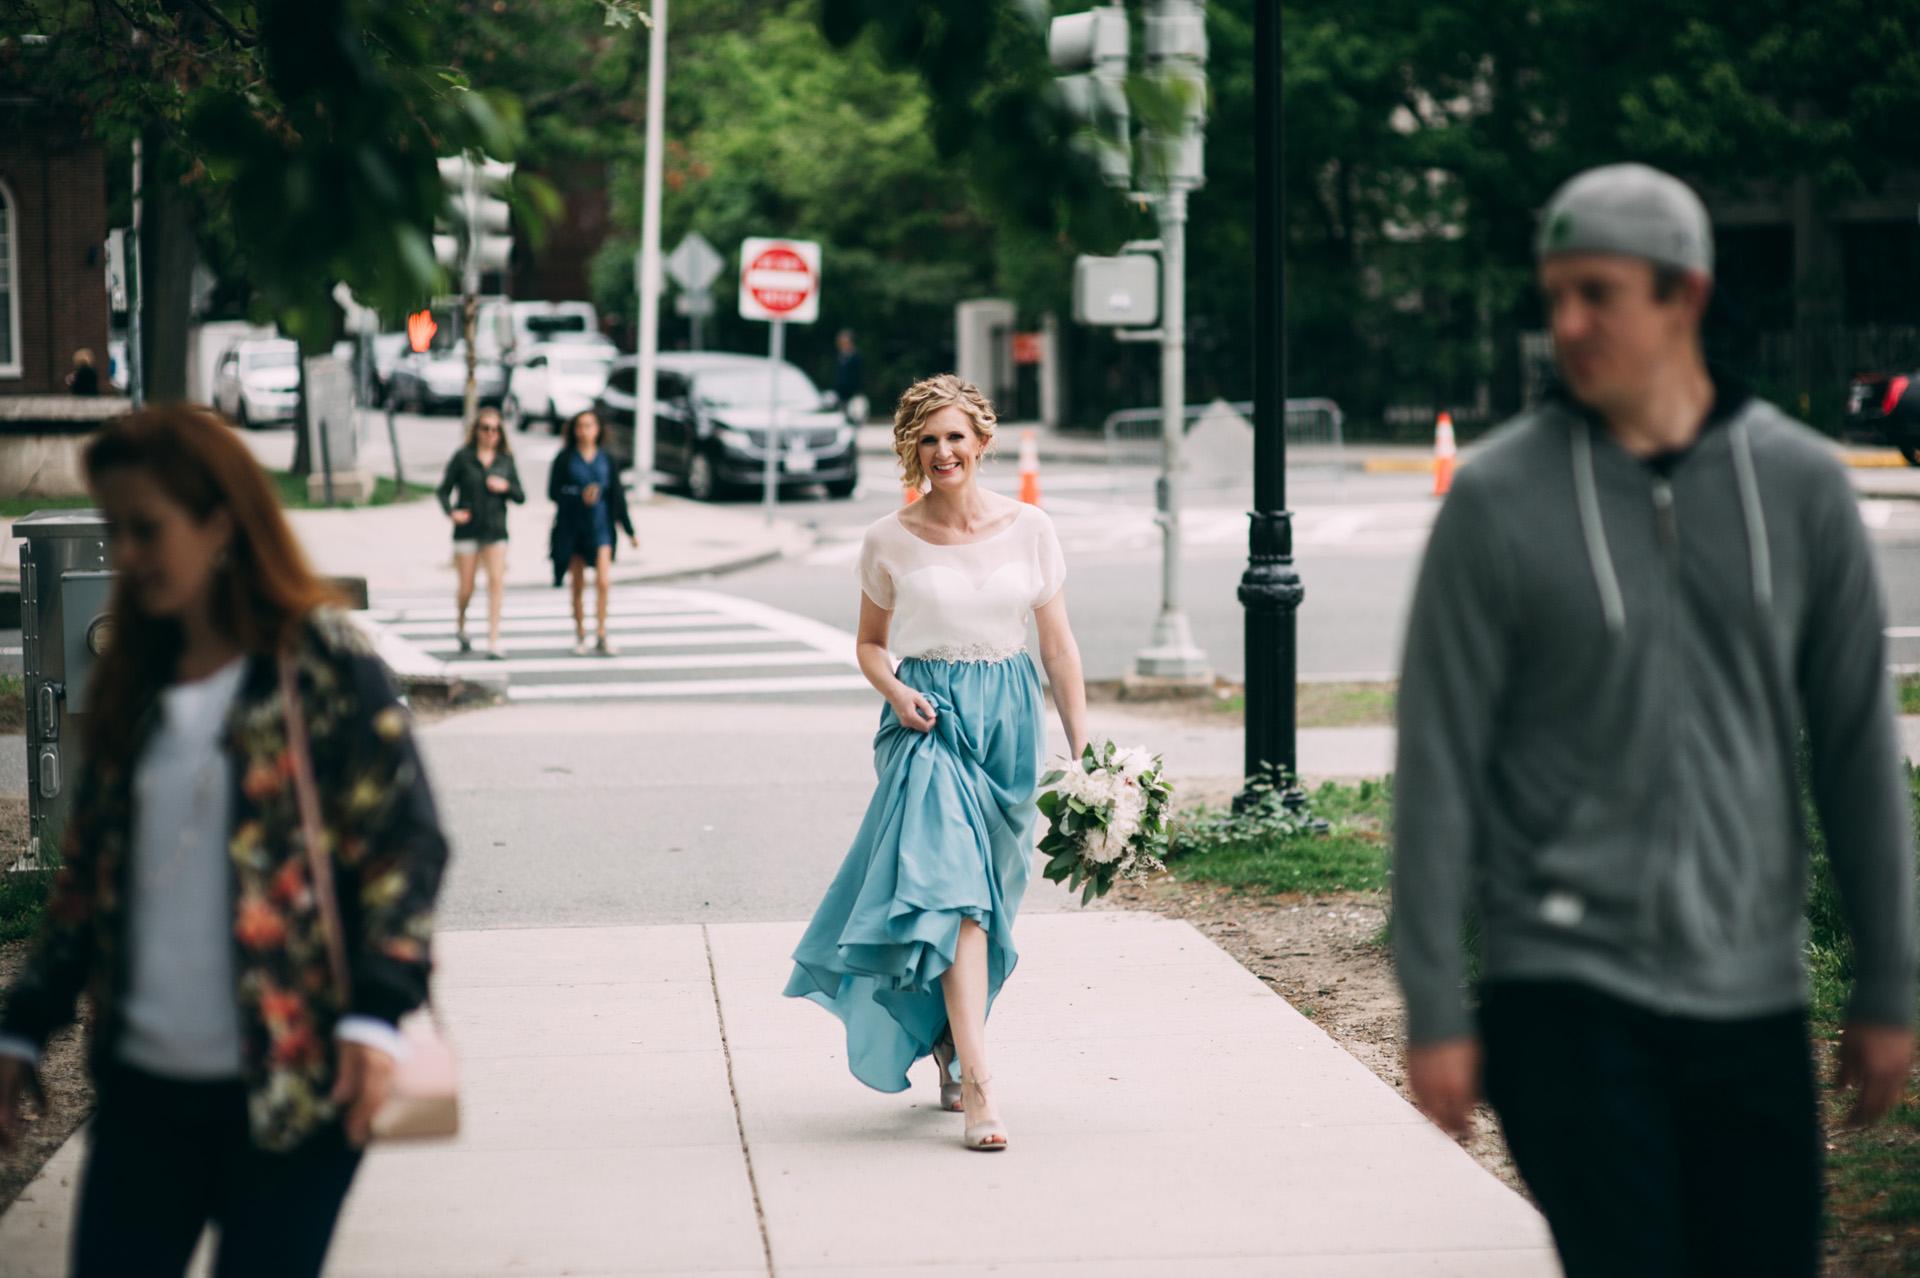 alden-harlow-wedding-photographer-12